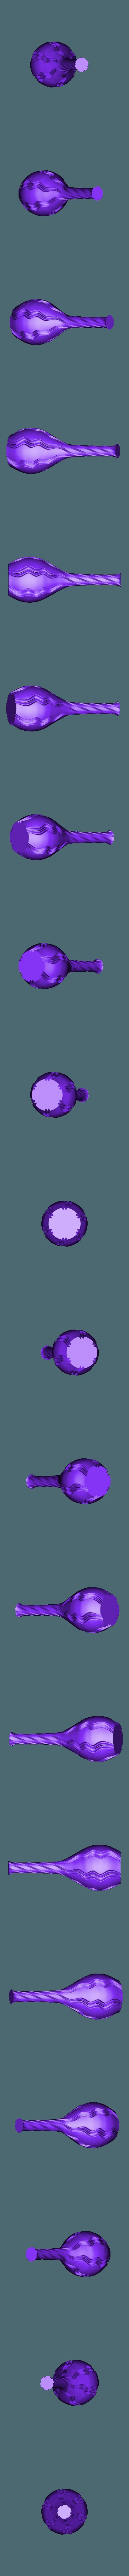 log neck vase 2.stl Télécharger fichier STL gratuit vase col long v1 et v2 • Design pour imprimante 3D, Brithawkes